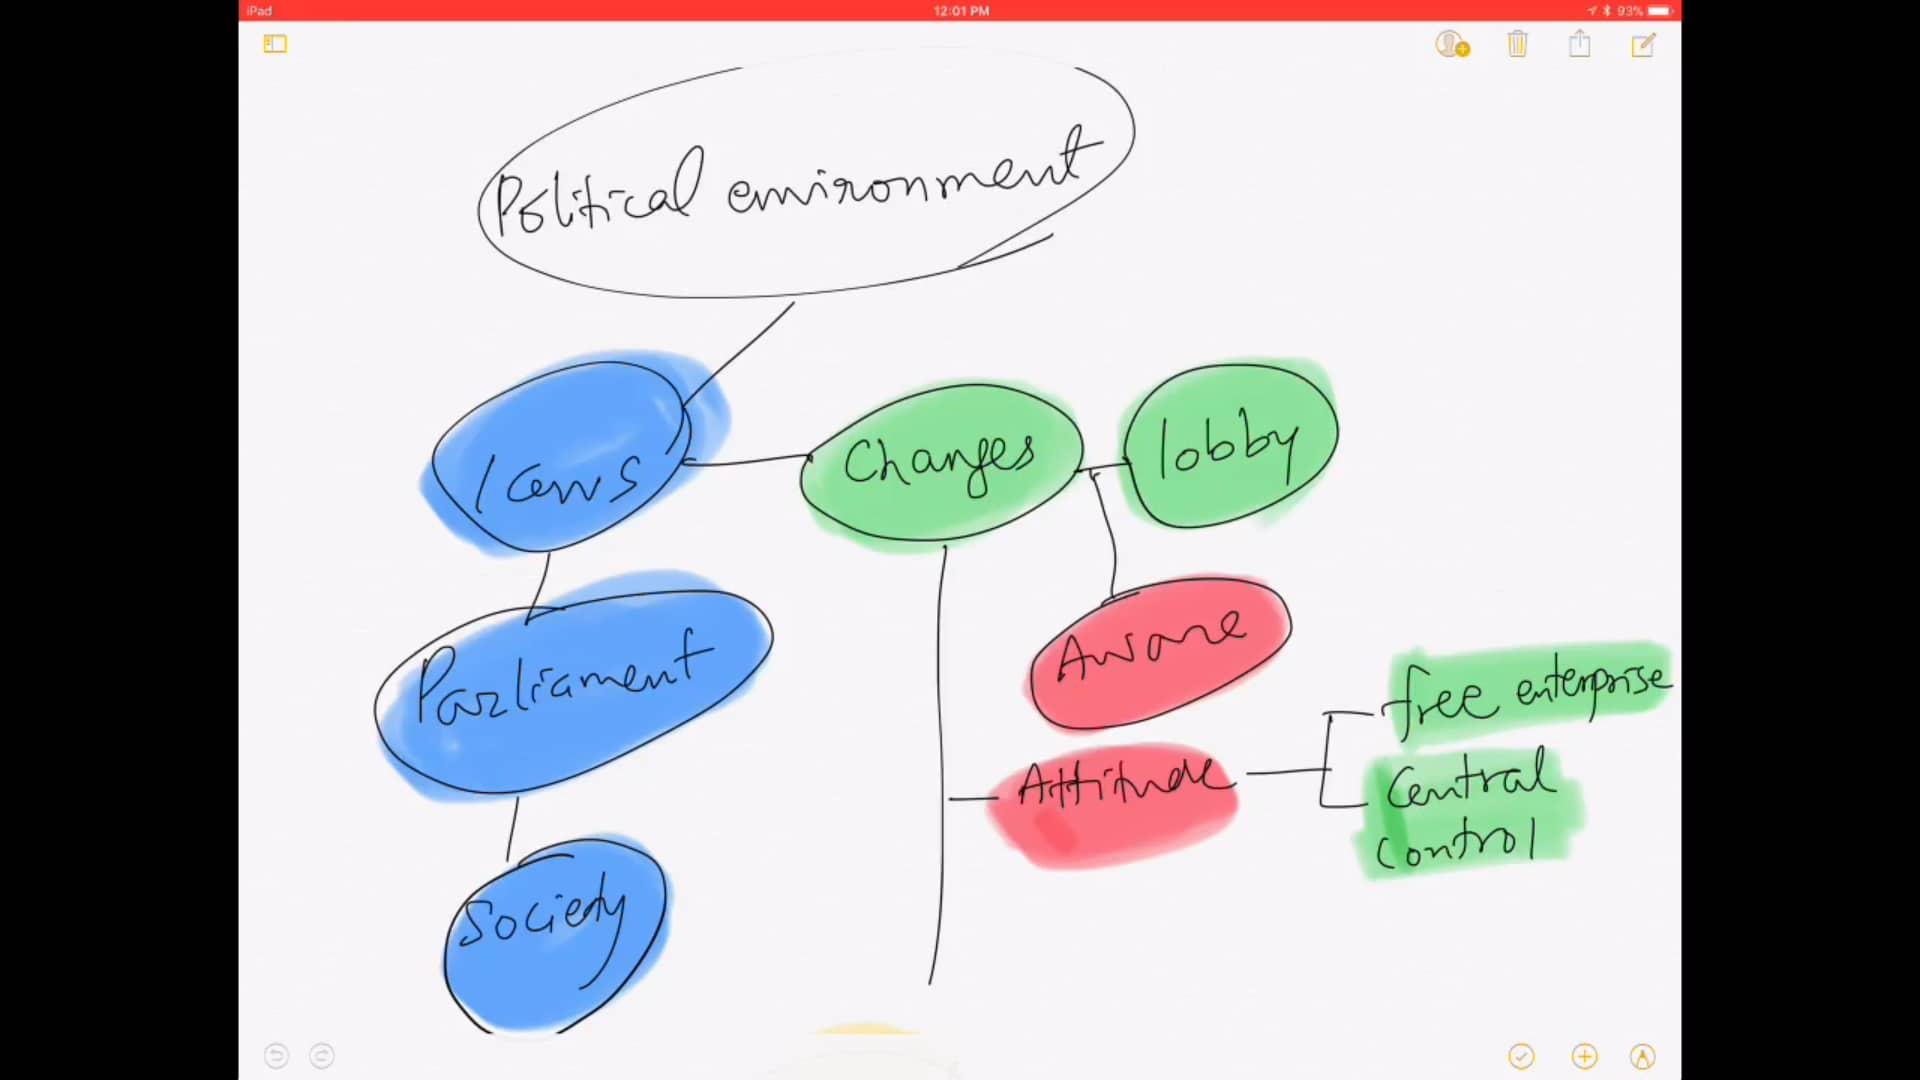 Ch 4 - Political Environment